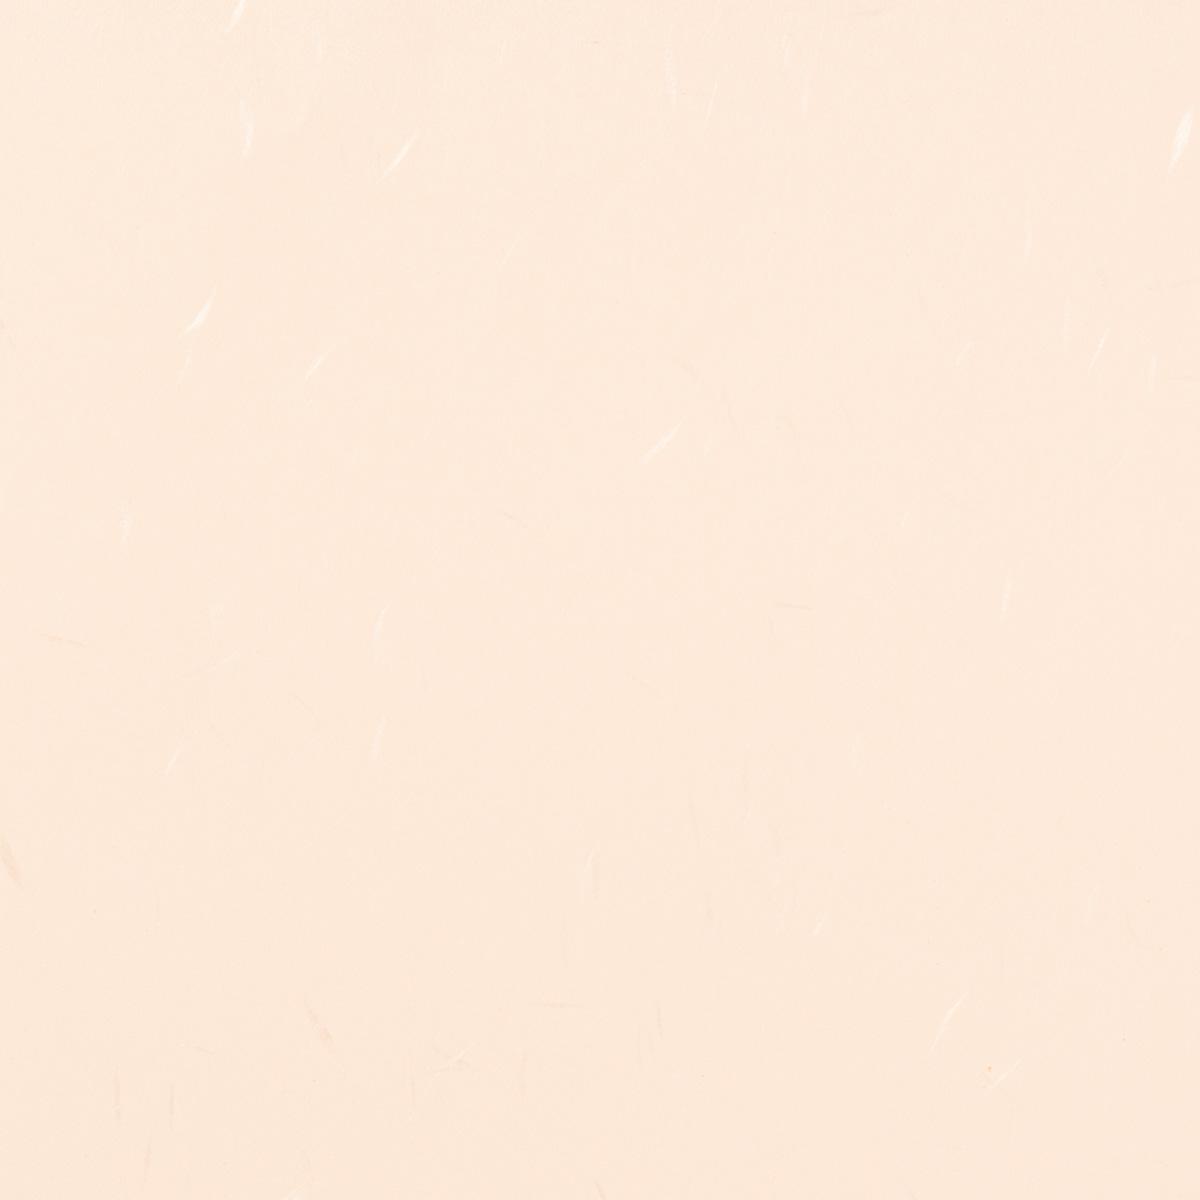 月華ニューカラー B4サイズ(50枚入) No.52 ピンク